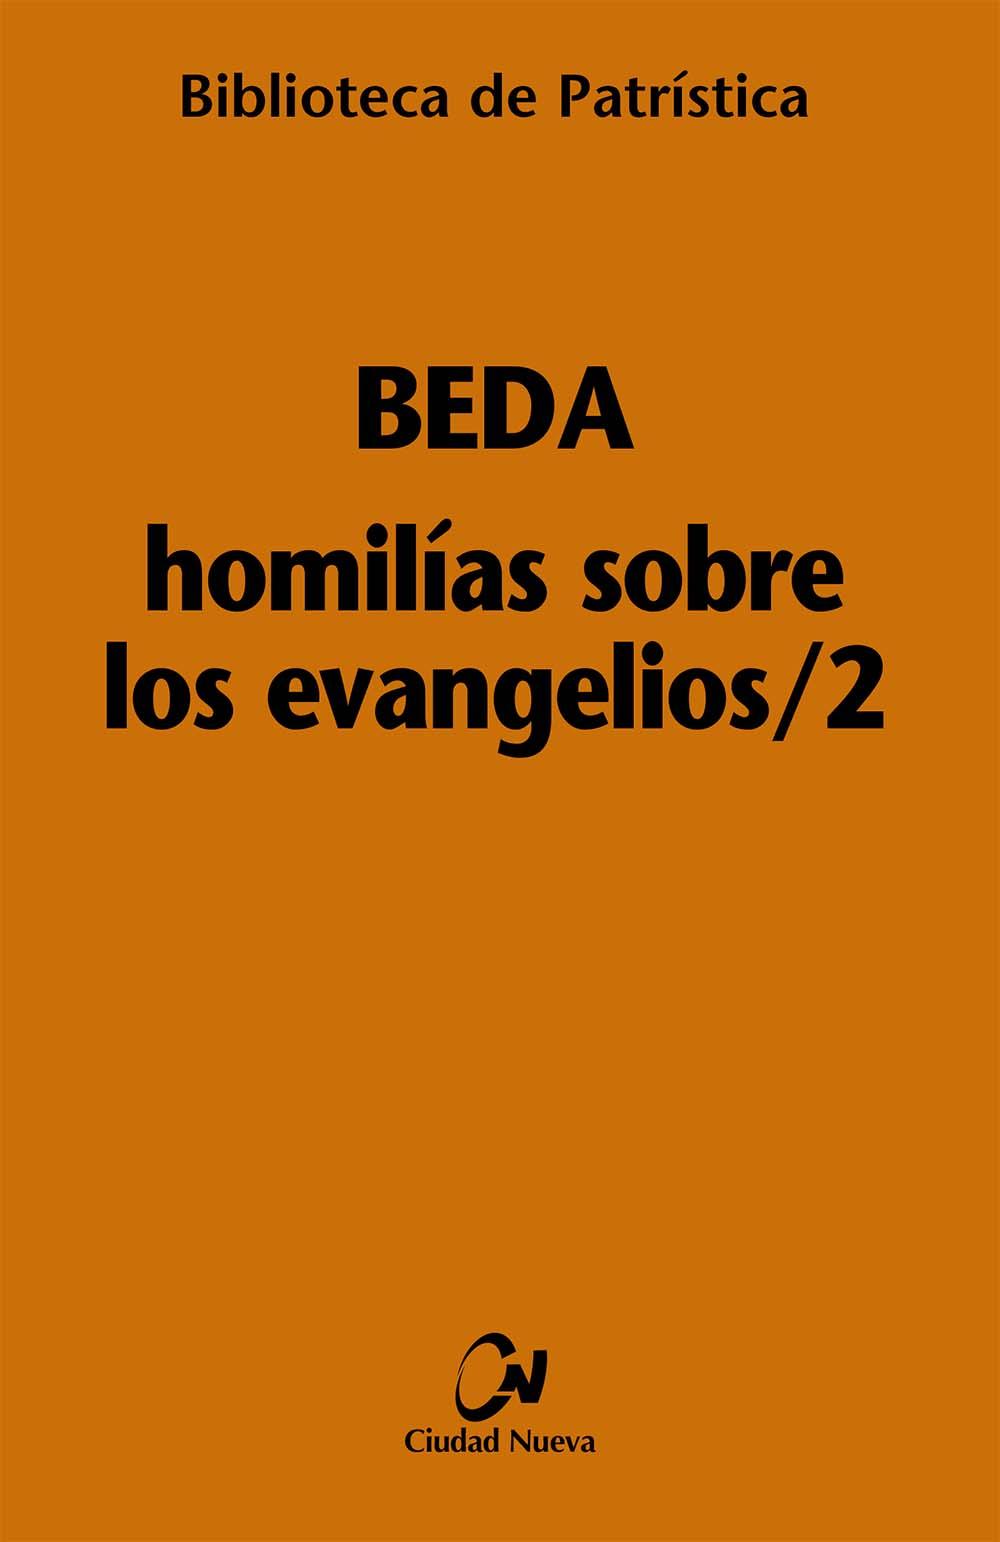 homilias-sobre-los-evangelios-2-[bpa-103]